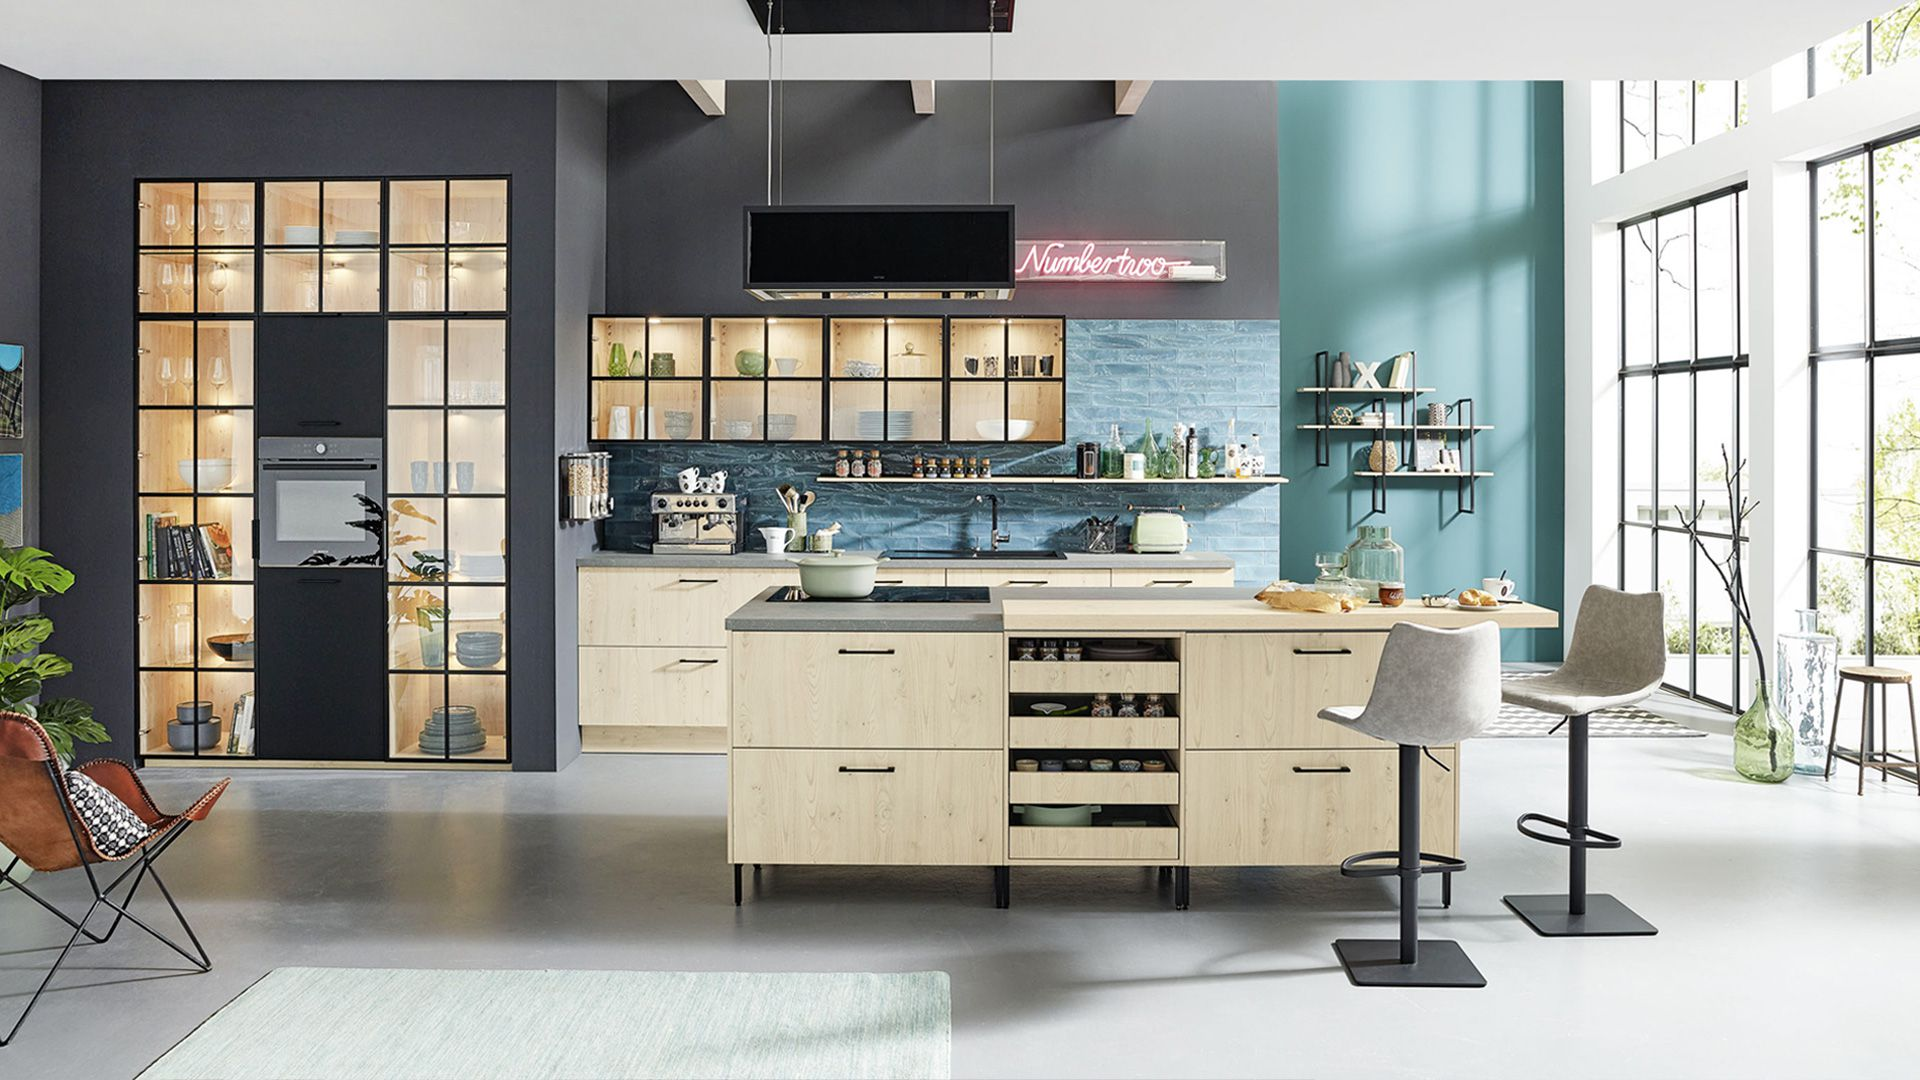 Full Size of Startseite Ballerina Kchen Finden Sie Ihre Traumkche Küchen Regal Wohnzimmer Ballerina Küchen